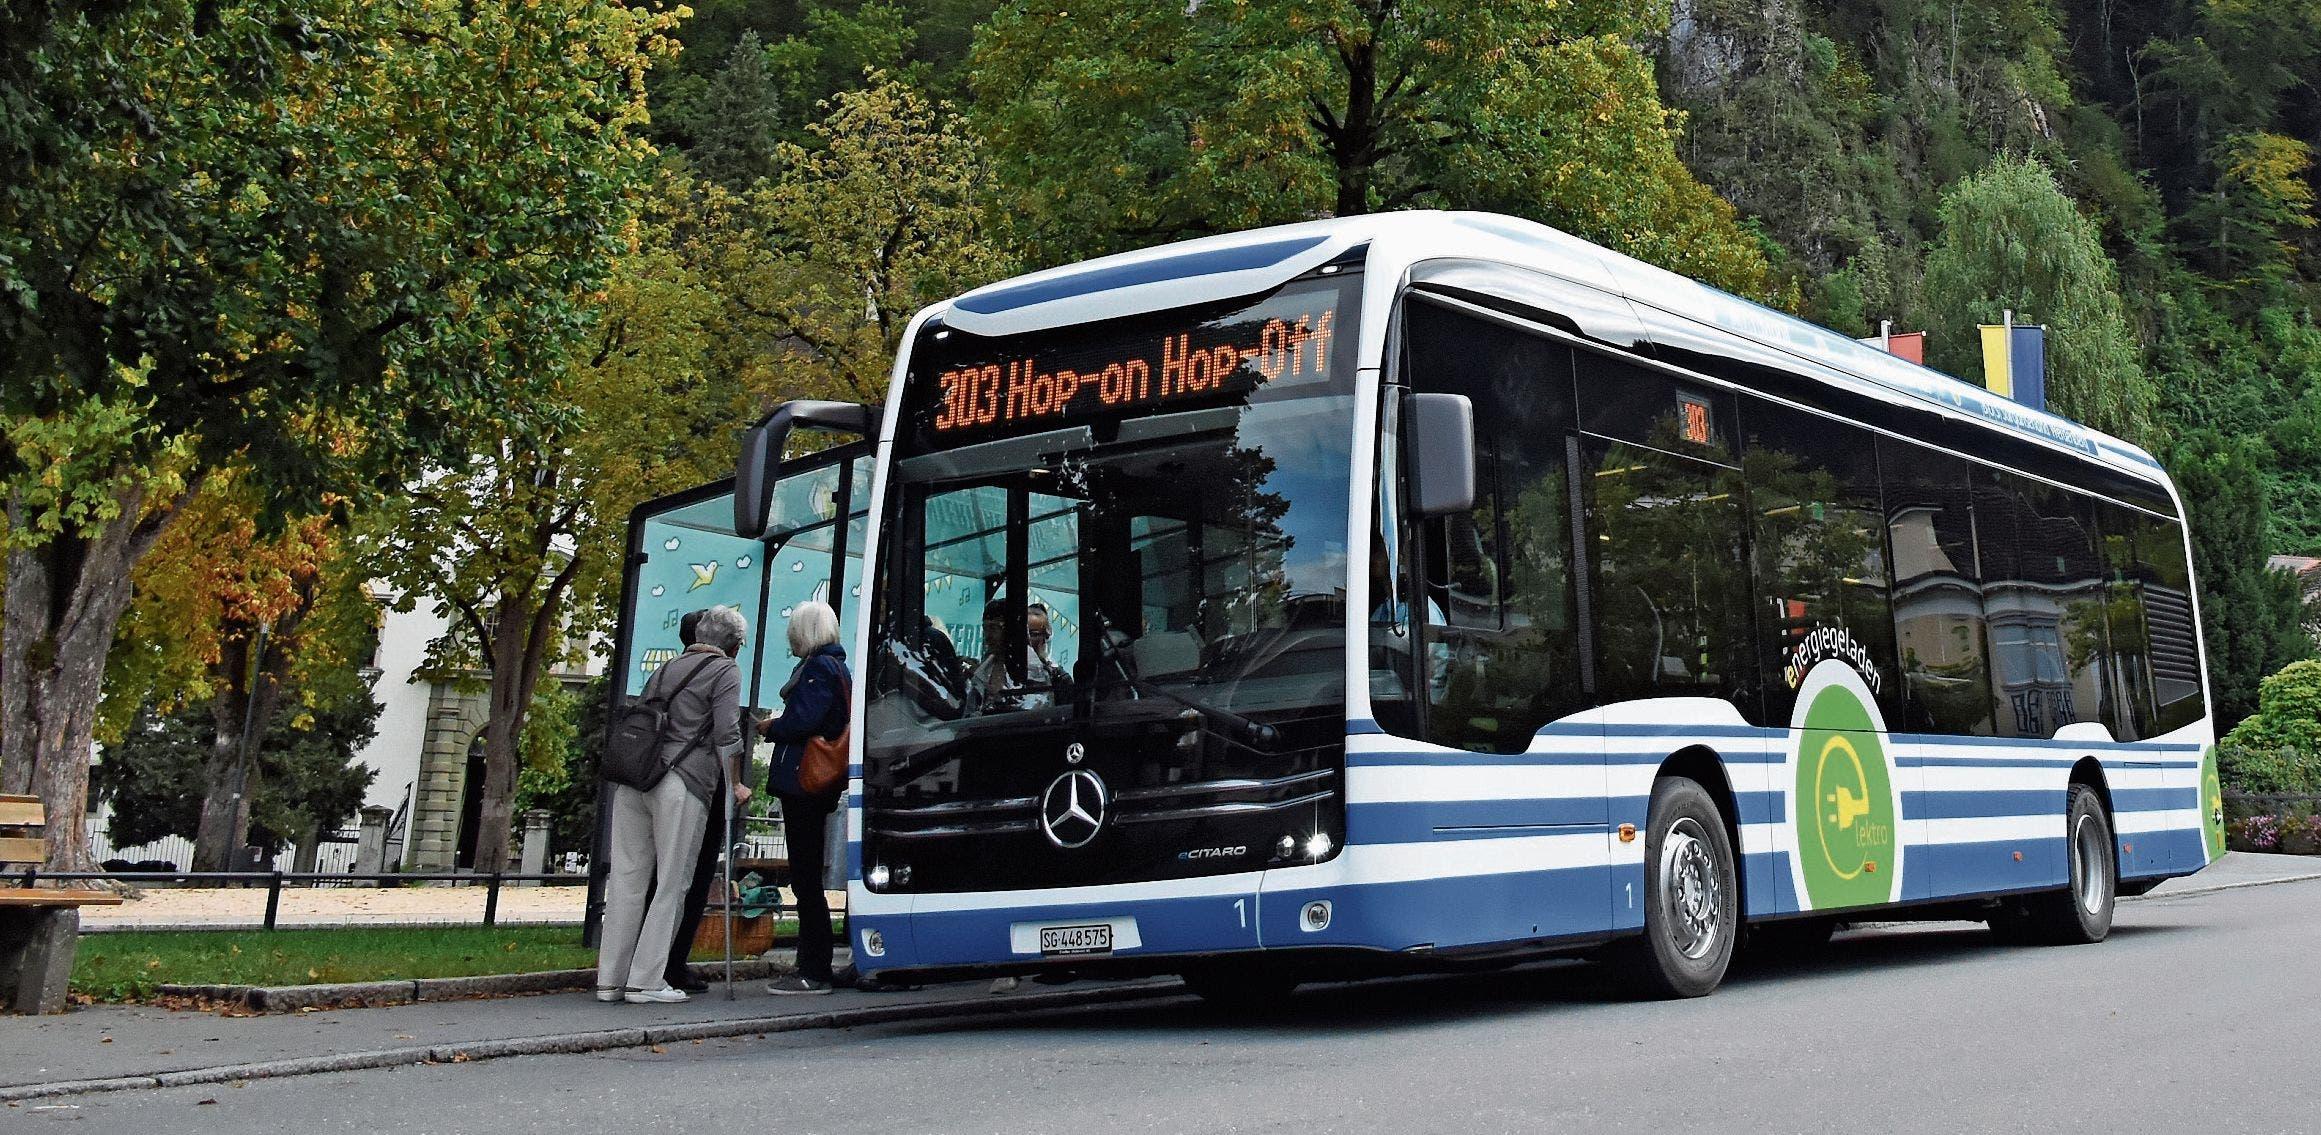 Am Samstag hat der neue RTB-Elektrobus zum ersten Mal bei der Haltestelle Schlossplatz in Hohenems Halt gemacht. Bilder: Kurt Latzer